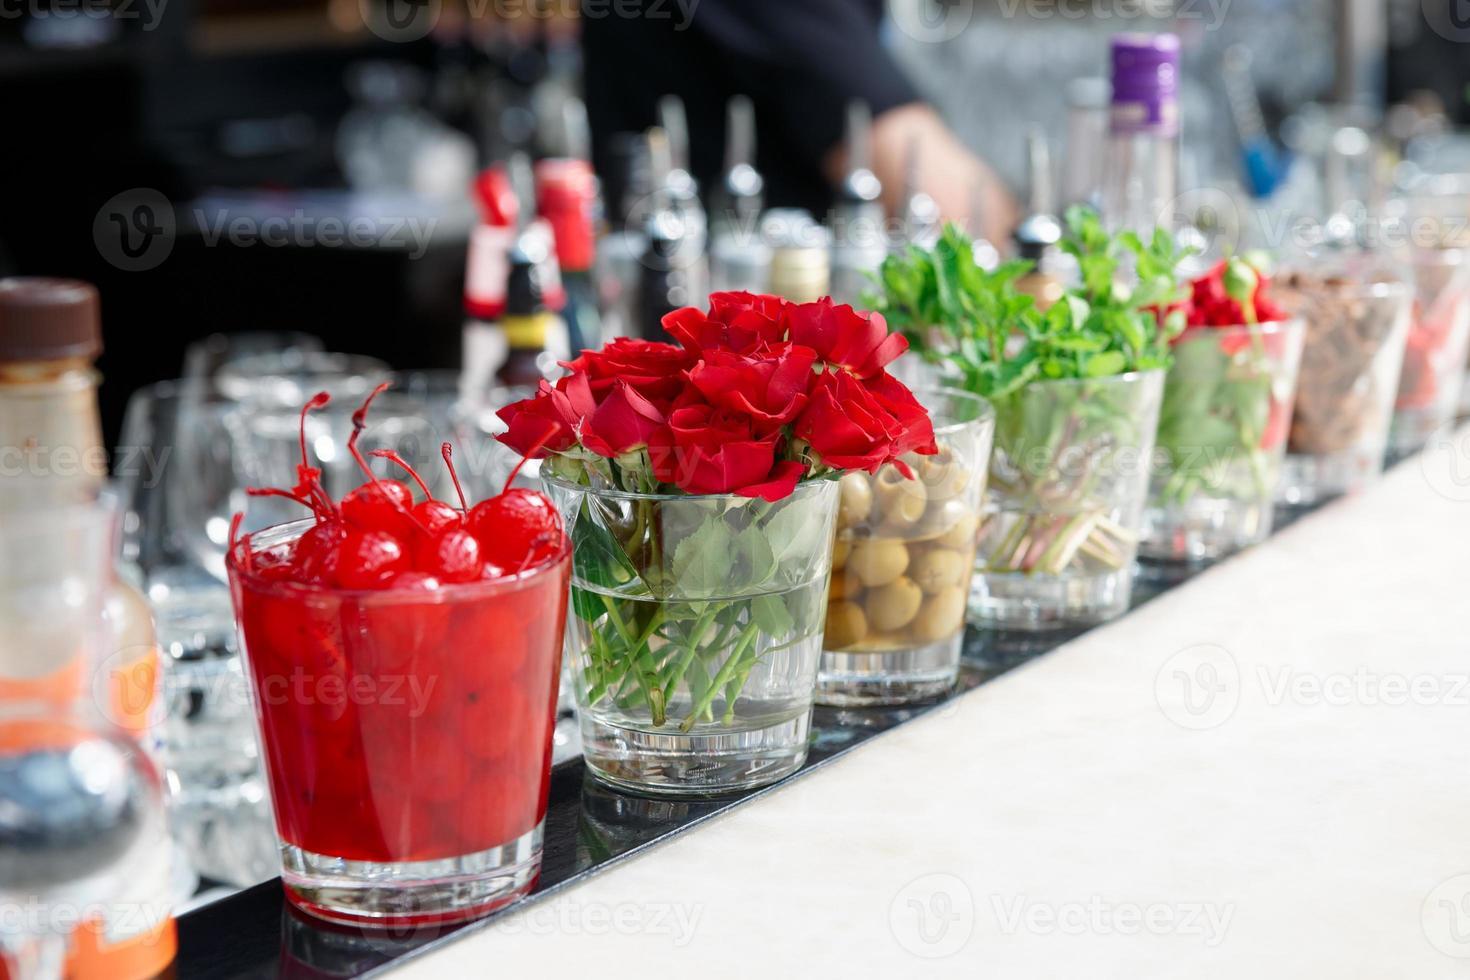 cerejas, ervas e flores no balcão do bar foto